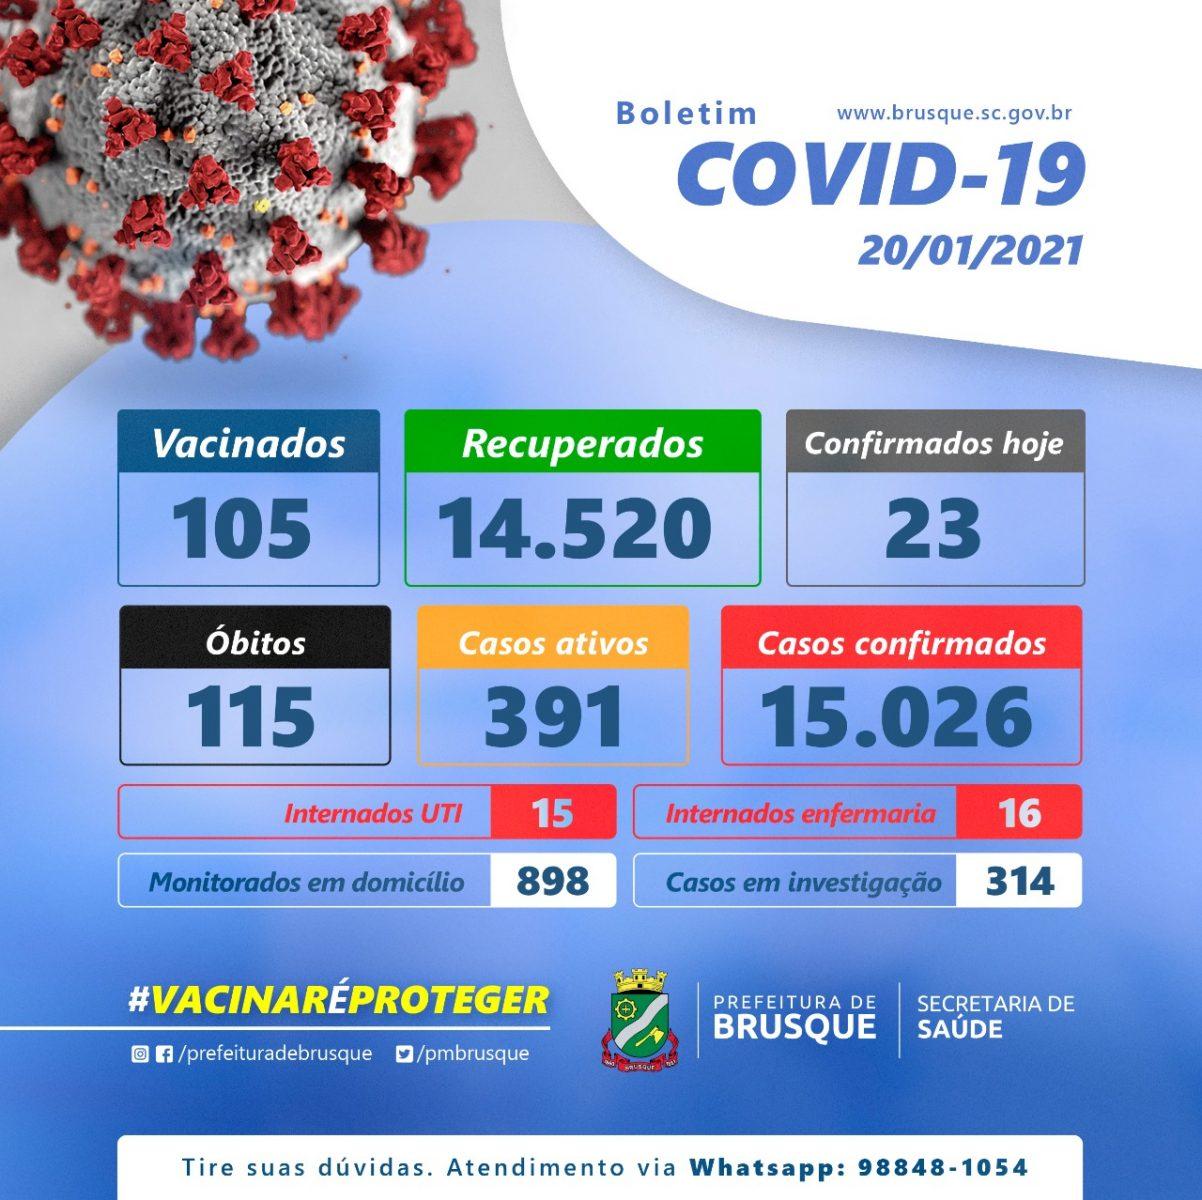 Covid-19: Confira o boletim epidemiológico desta quarta-feira (20)